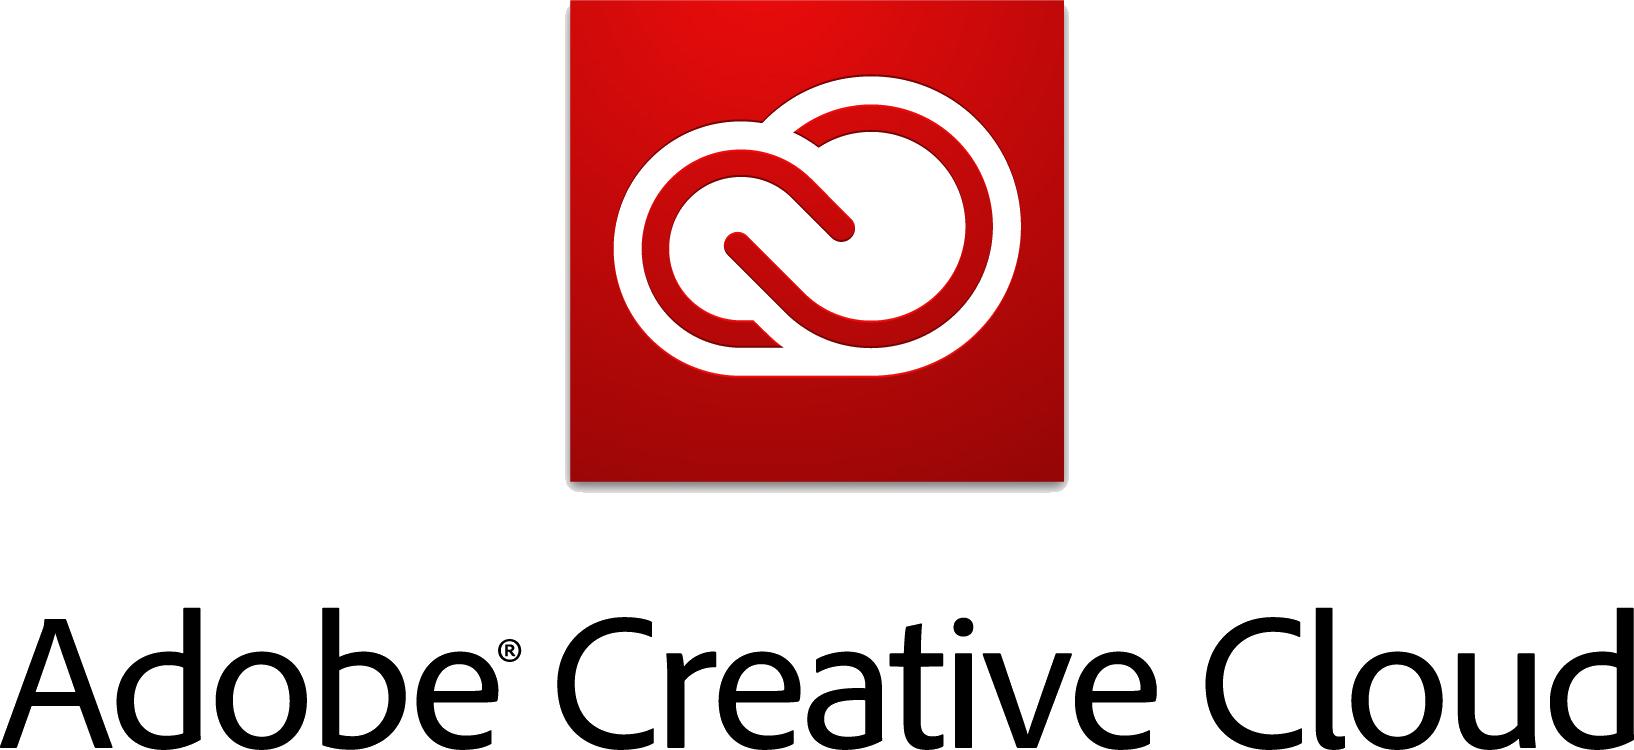 داونلود ورژن جدید ادوبی آودیشن Adobe Audition CC v6.0.732